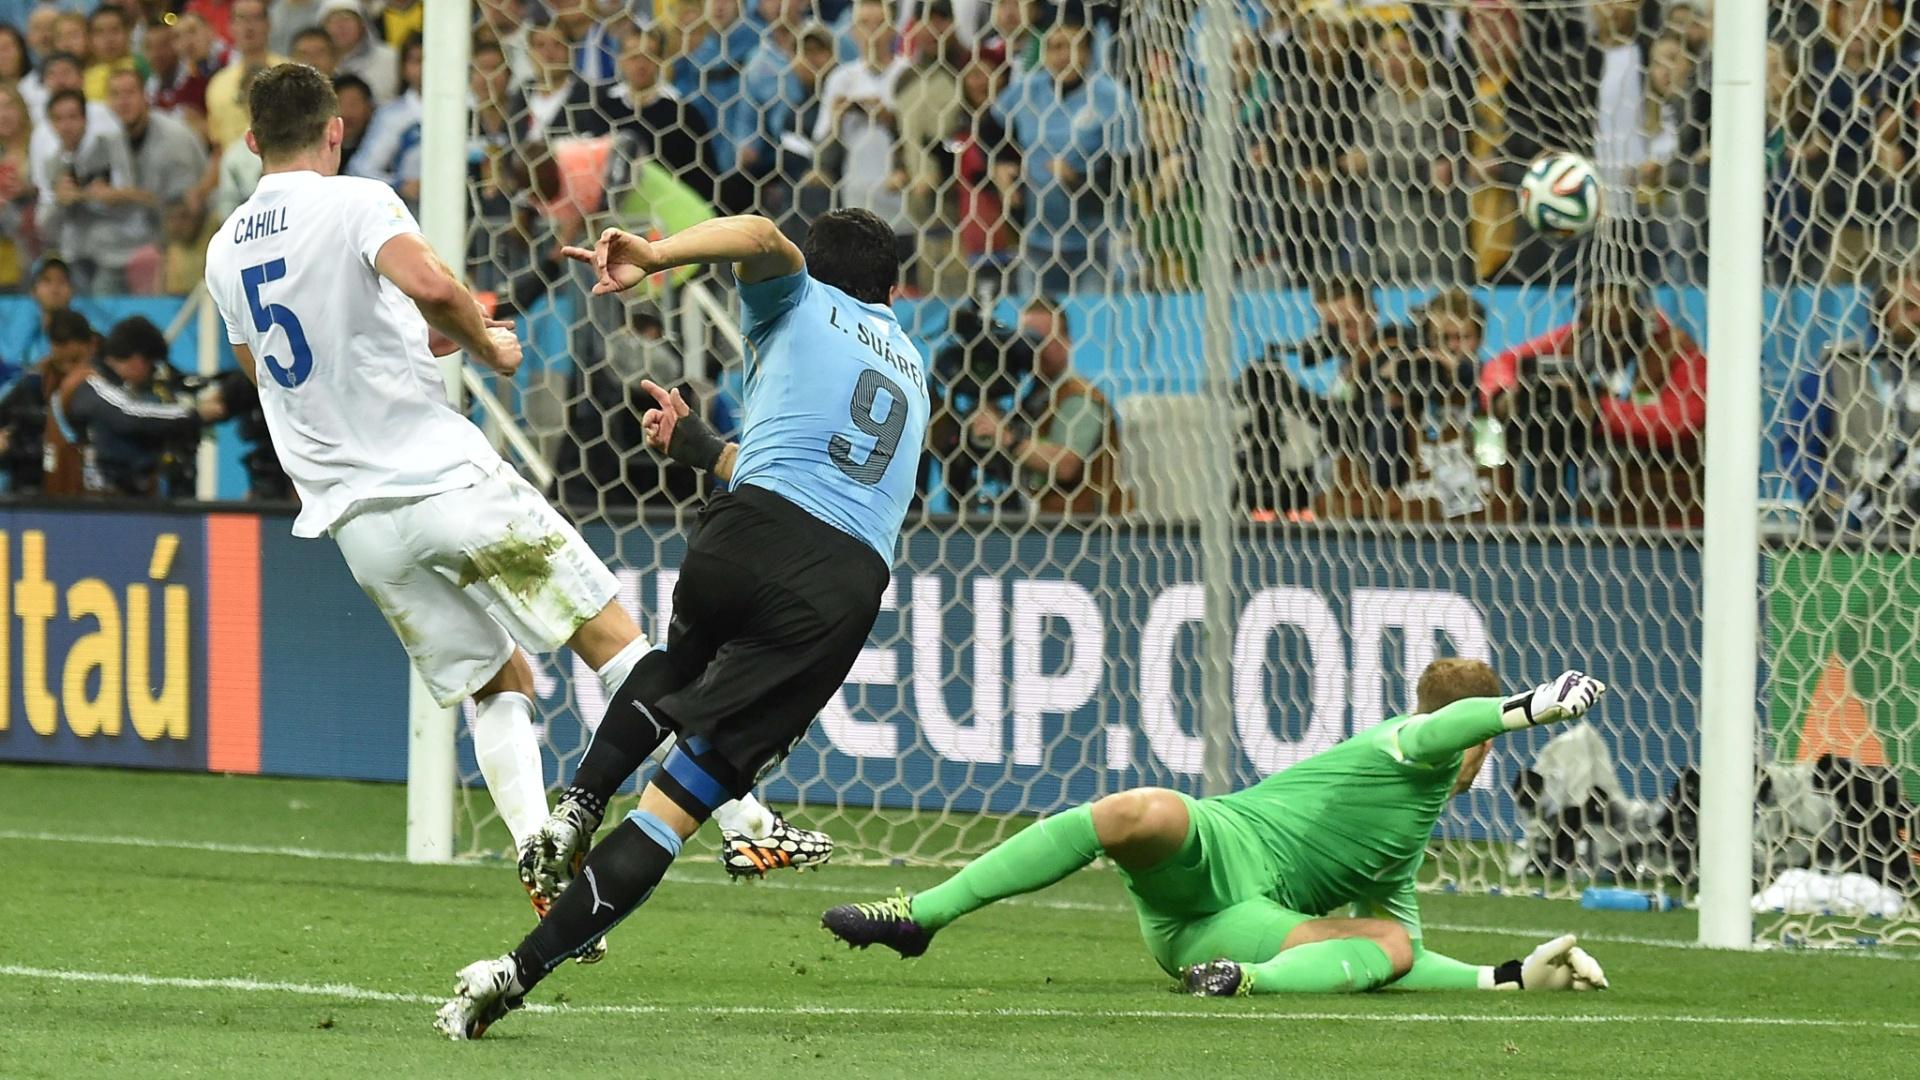 19.jun.2014 - Suárez finaliza forte de direita e observa a bola entrar no gol inglês. O Uruguai venceu por 2 a 1 com dois gols do atacante